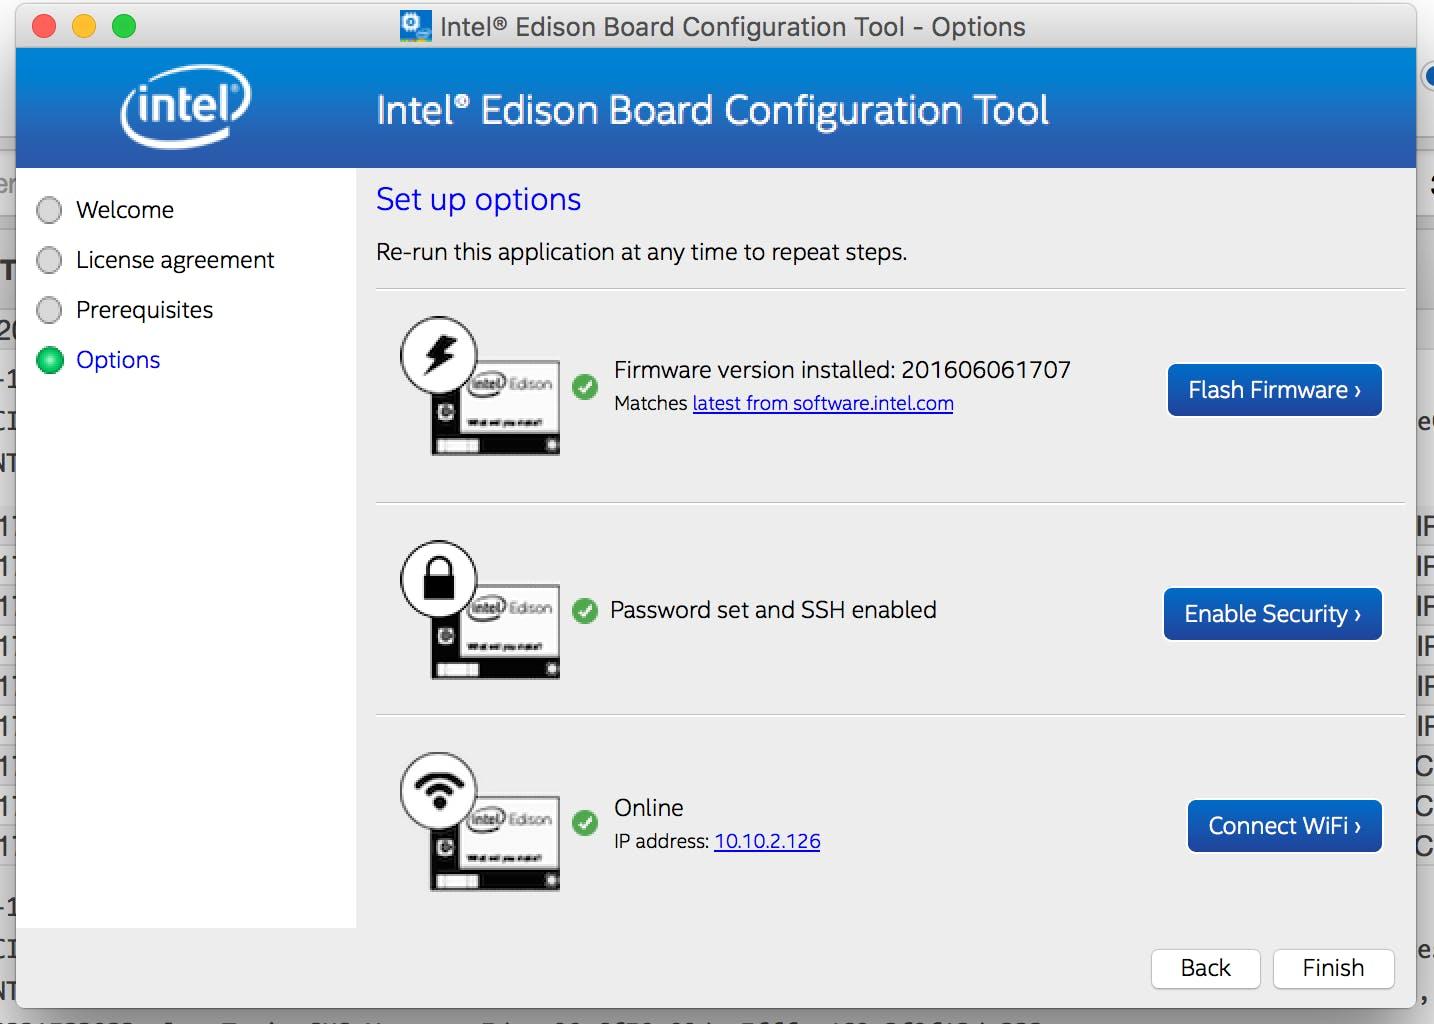 1. Configure Intel Edison Board.